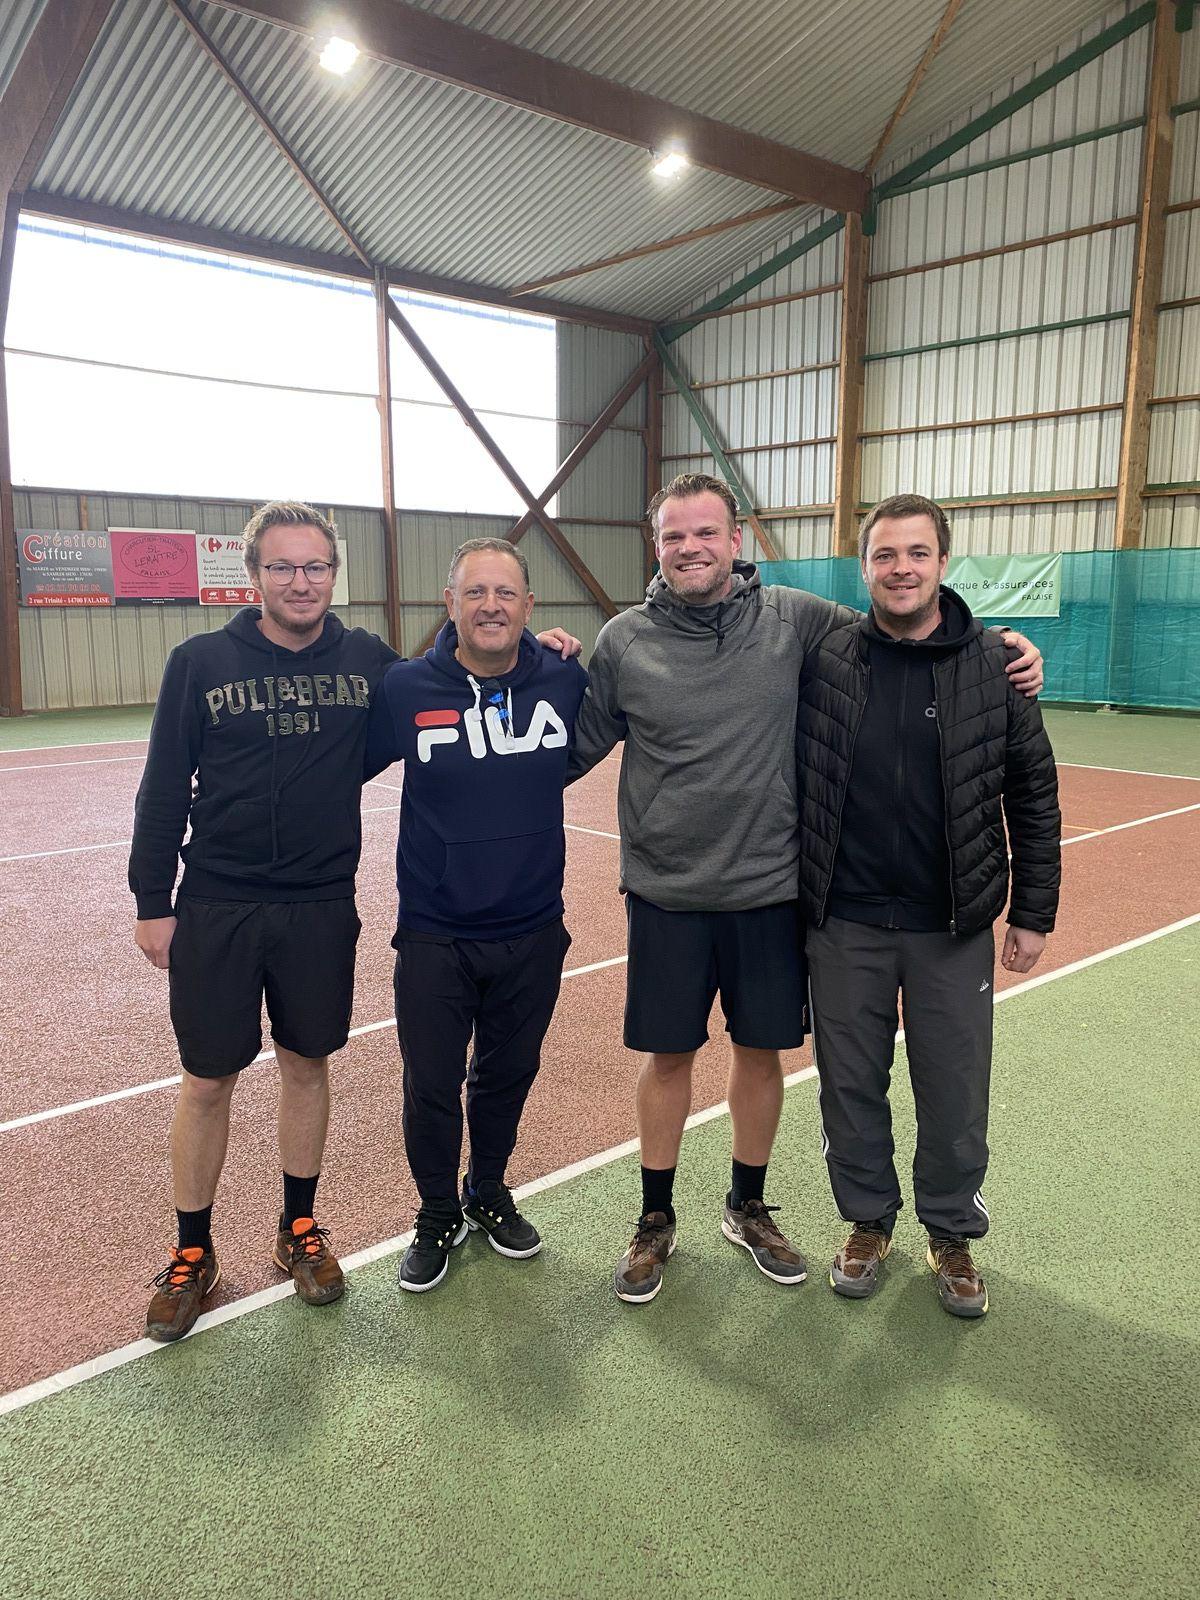 Richard Lecomte, Olivier Le François, Vincent Porquet, Mathieu Dolley